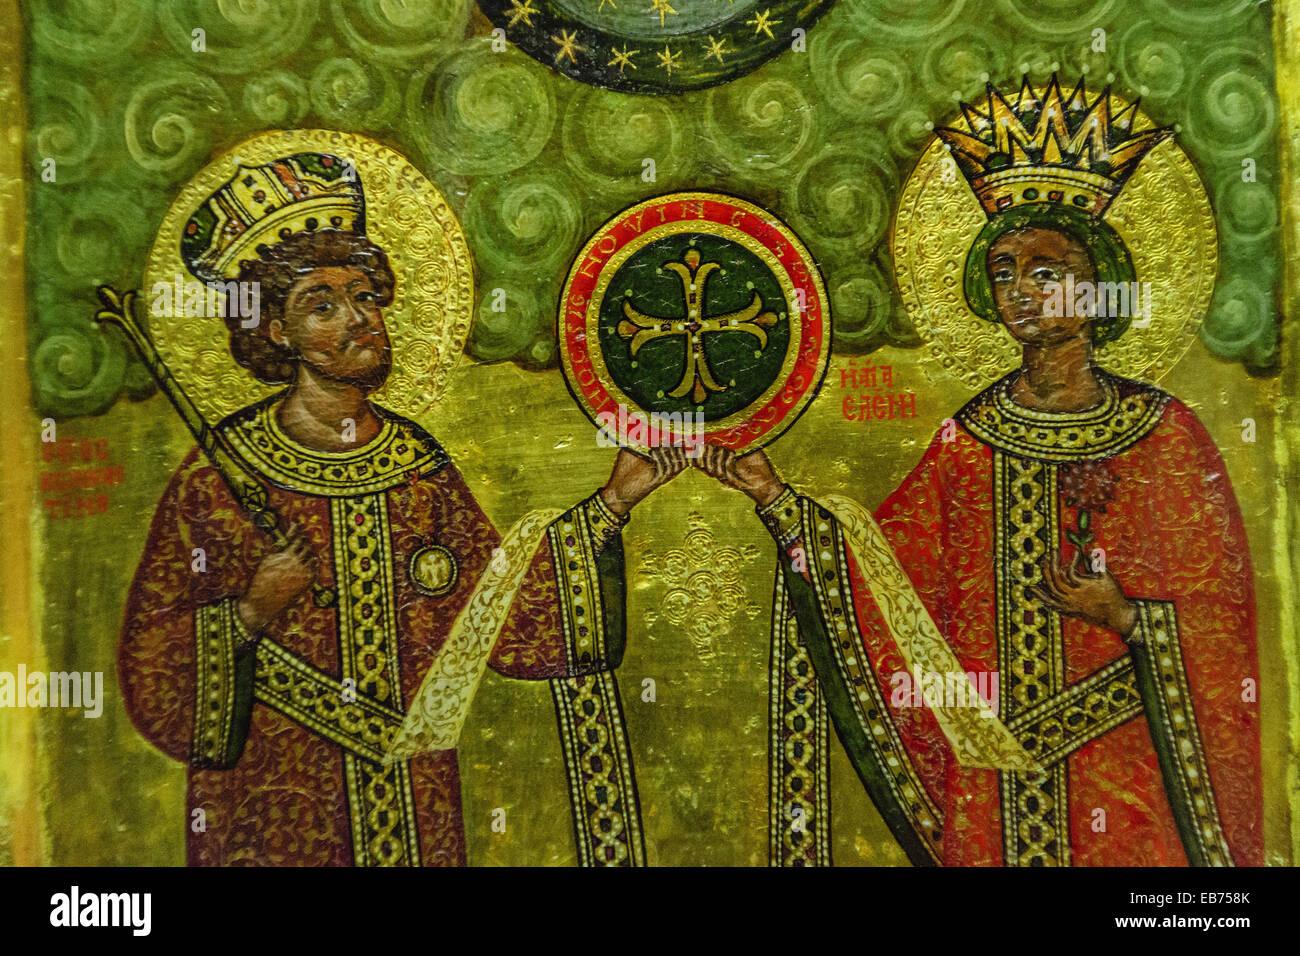 Constantine et Sainte-hélène découvrez la croix, tempera sur bois, 10e siècle, Museu de Évora, Photo Stock